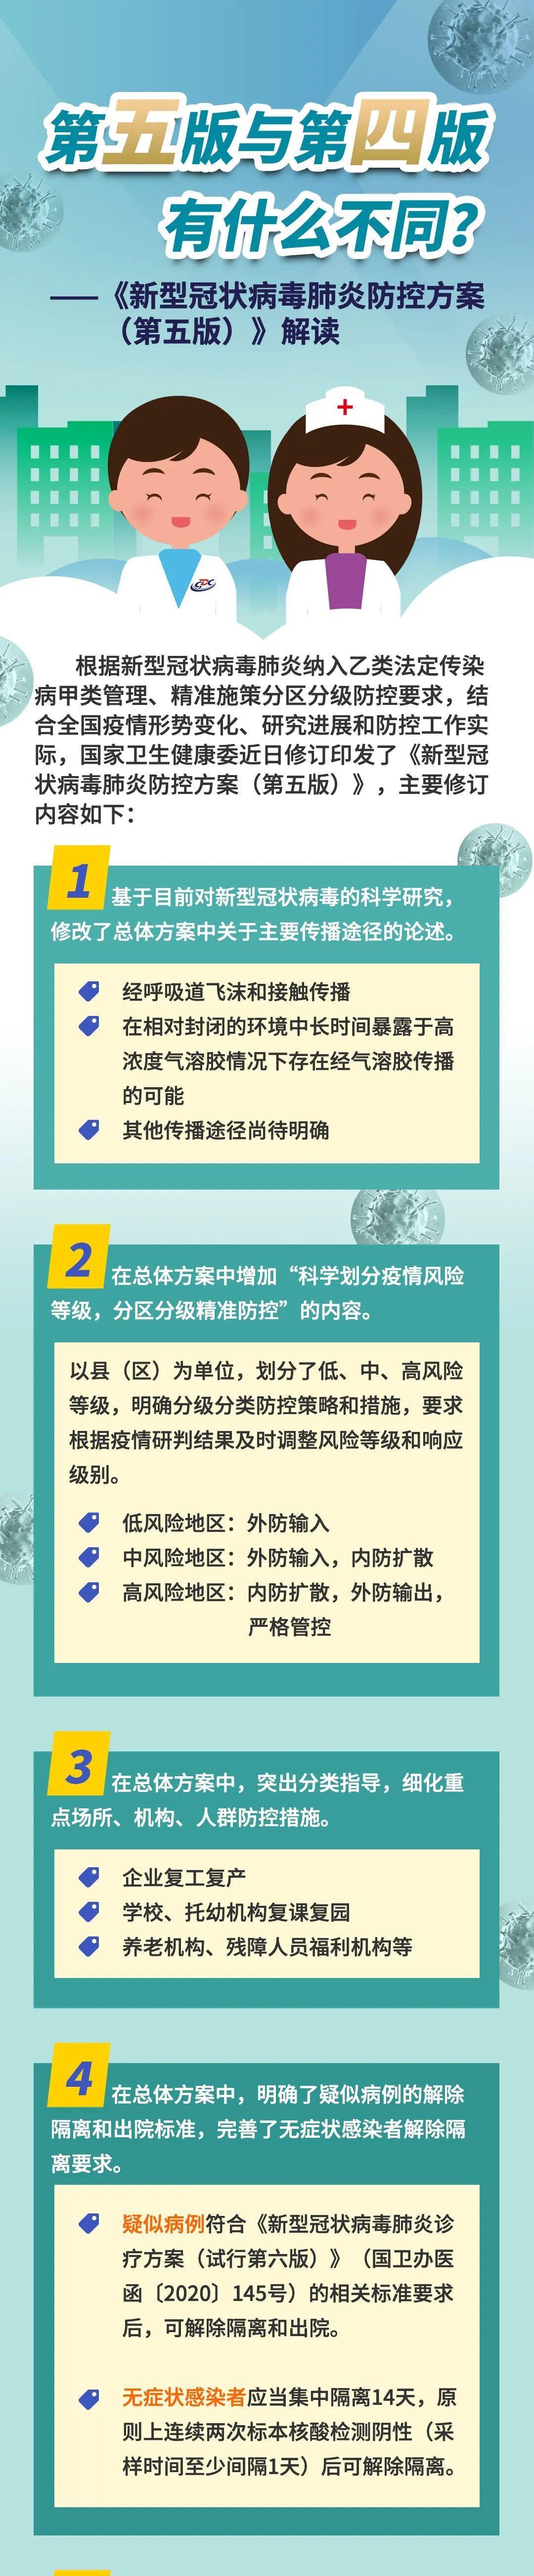 一图读懂:新冠肺炎郑州助孕防控方案第五版的不同之处